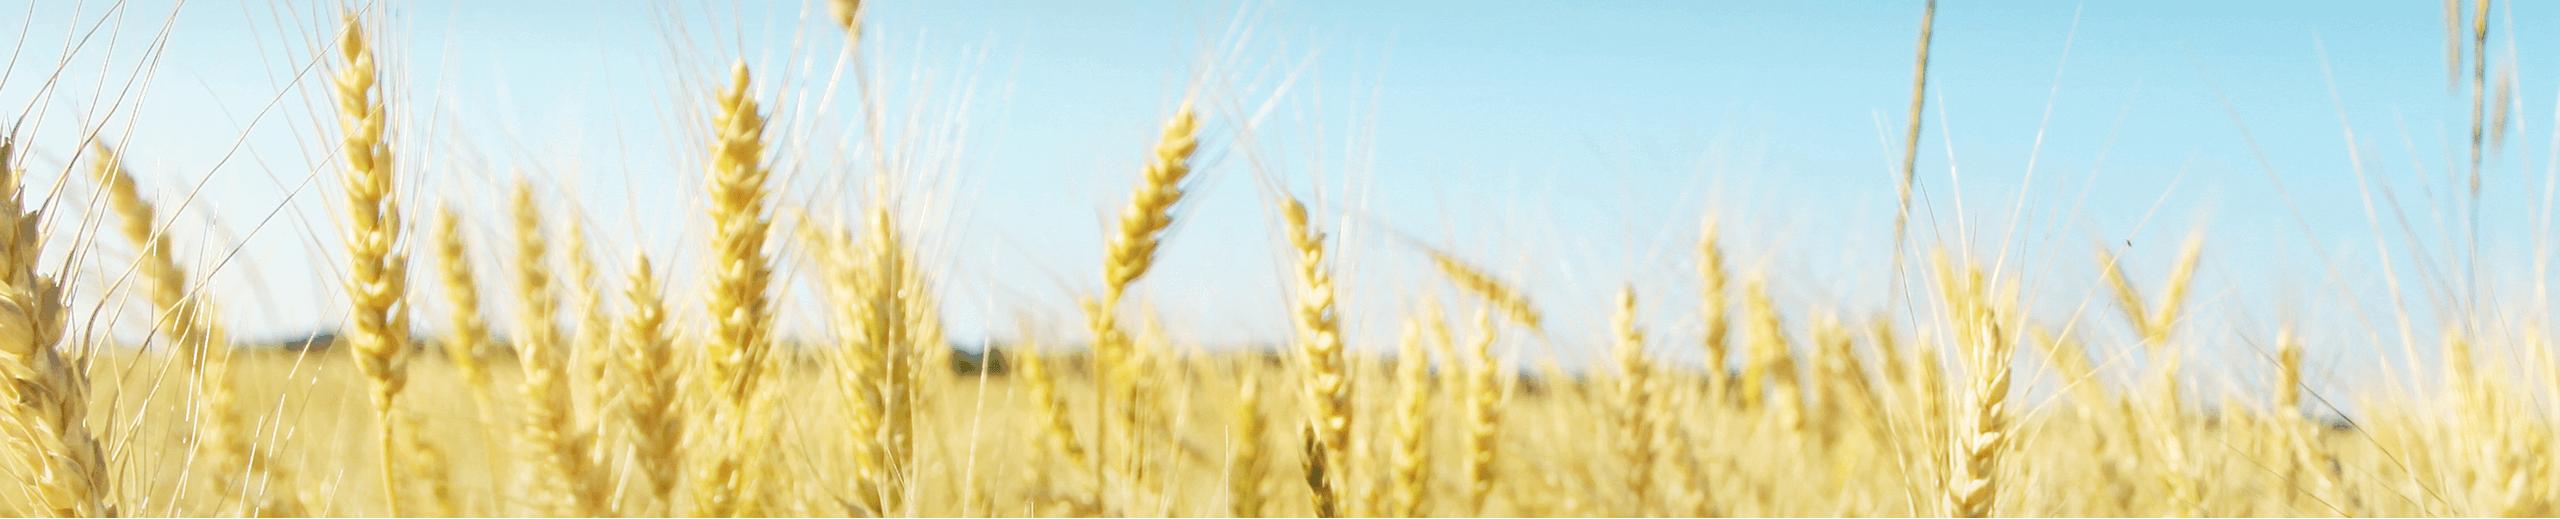 oats-banner